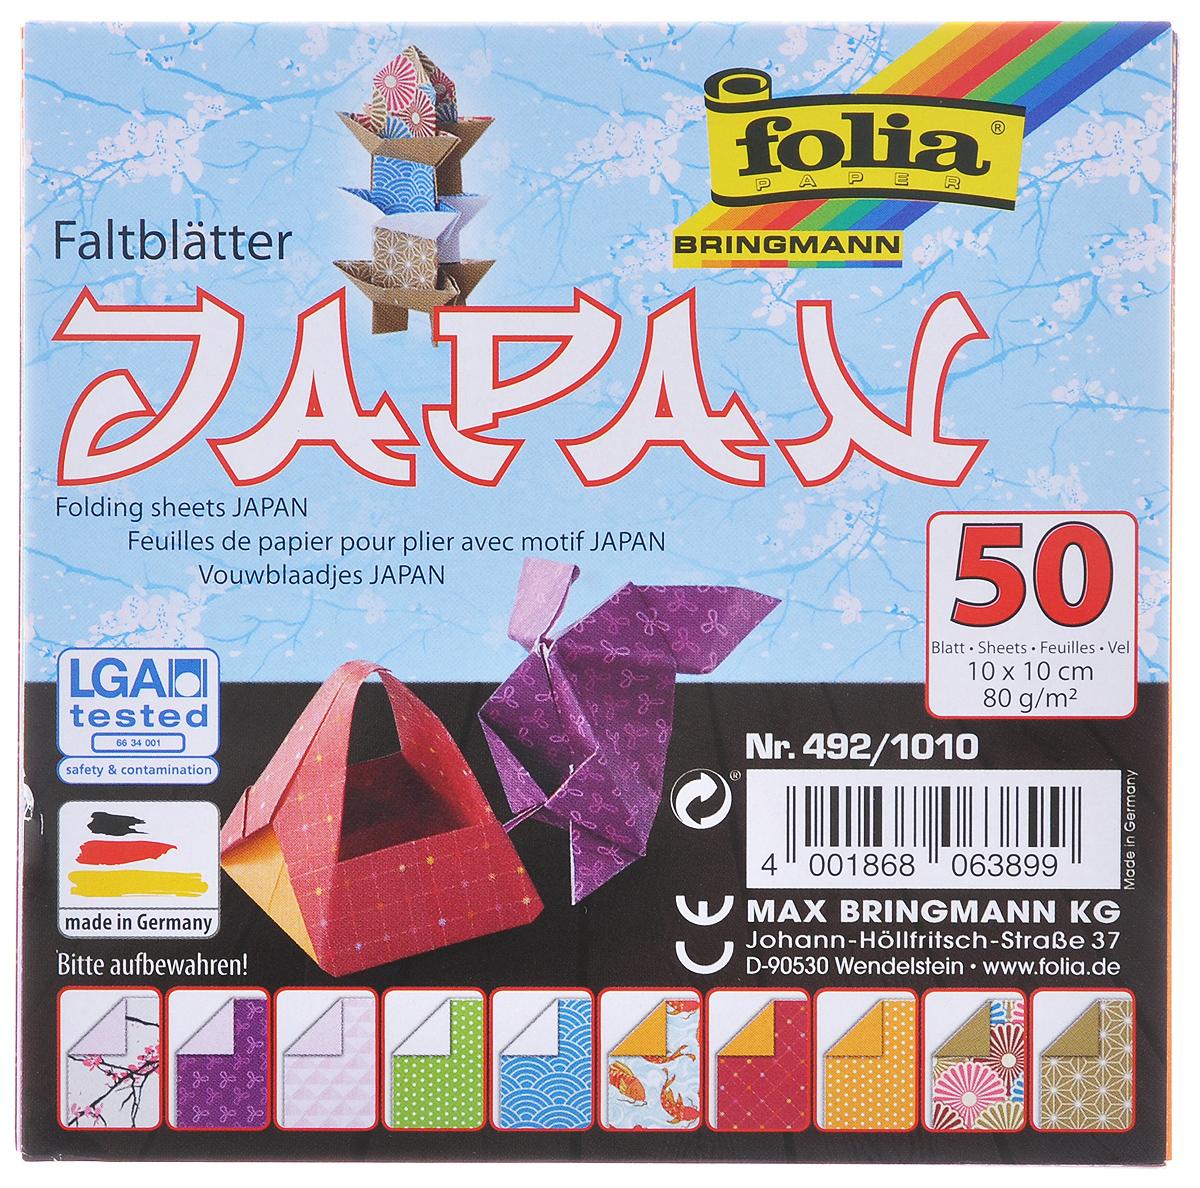 Бумага для оригами Folia Япония, 10 х 10 см, 50 листов7708025Набор специальной двусторонней бумаги для оригами Folia Япония содержит 50 листов разных цветов, которые помогут вам и вашему ребенку сделать яркие и разнообразные фигурки. В набор входит бумага десяти разных дизайнов. С одной стороны - бумага однотонная, с другой - оформлена оригинальными узорами и орнаментами. Эти листы можно использовать для оригами или для создания новогодних звезд. При многоразовом сгибании листа на бумаге не появляются трещины, так как она обладает очень высоким качеством. Бумага хорошо комбинируется с цветным картоном. За свою многовековую историю оригами прошло путь от храмовых обрядов до искусства, дарящего радость и красоту миллионам людей во всем мире. Складывание и художественное оформление фигурок оригами интересно заполнят свободное время, доставят огромное удовольствие, радость и взрослым и детям. Увлекательные занятия оригами развивают мелкую моторику рук, воображение, мышление, воспитывают волевые качества и...